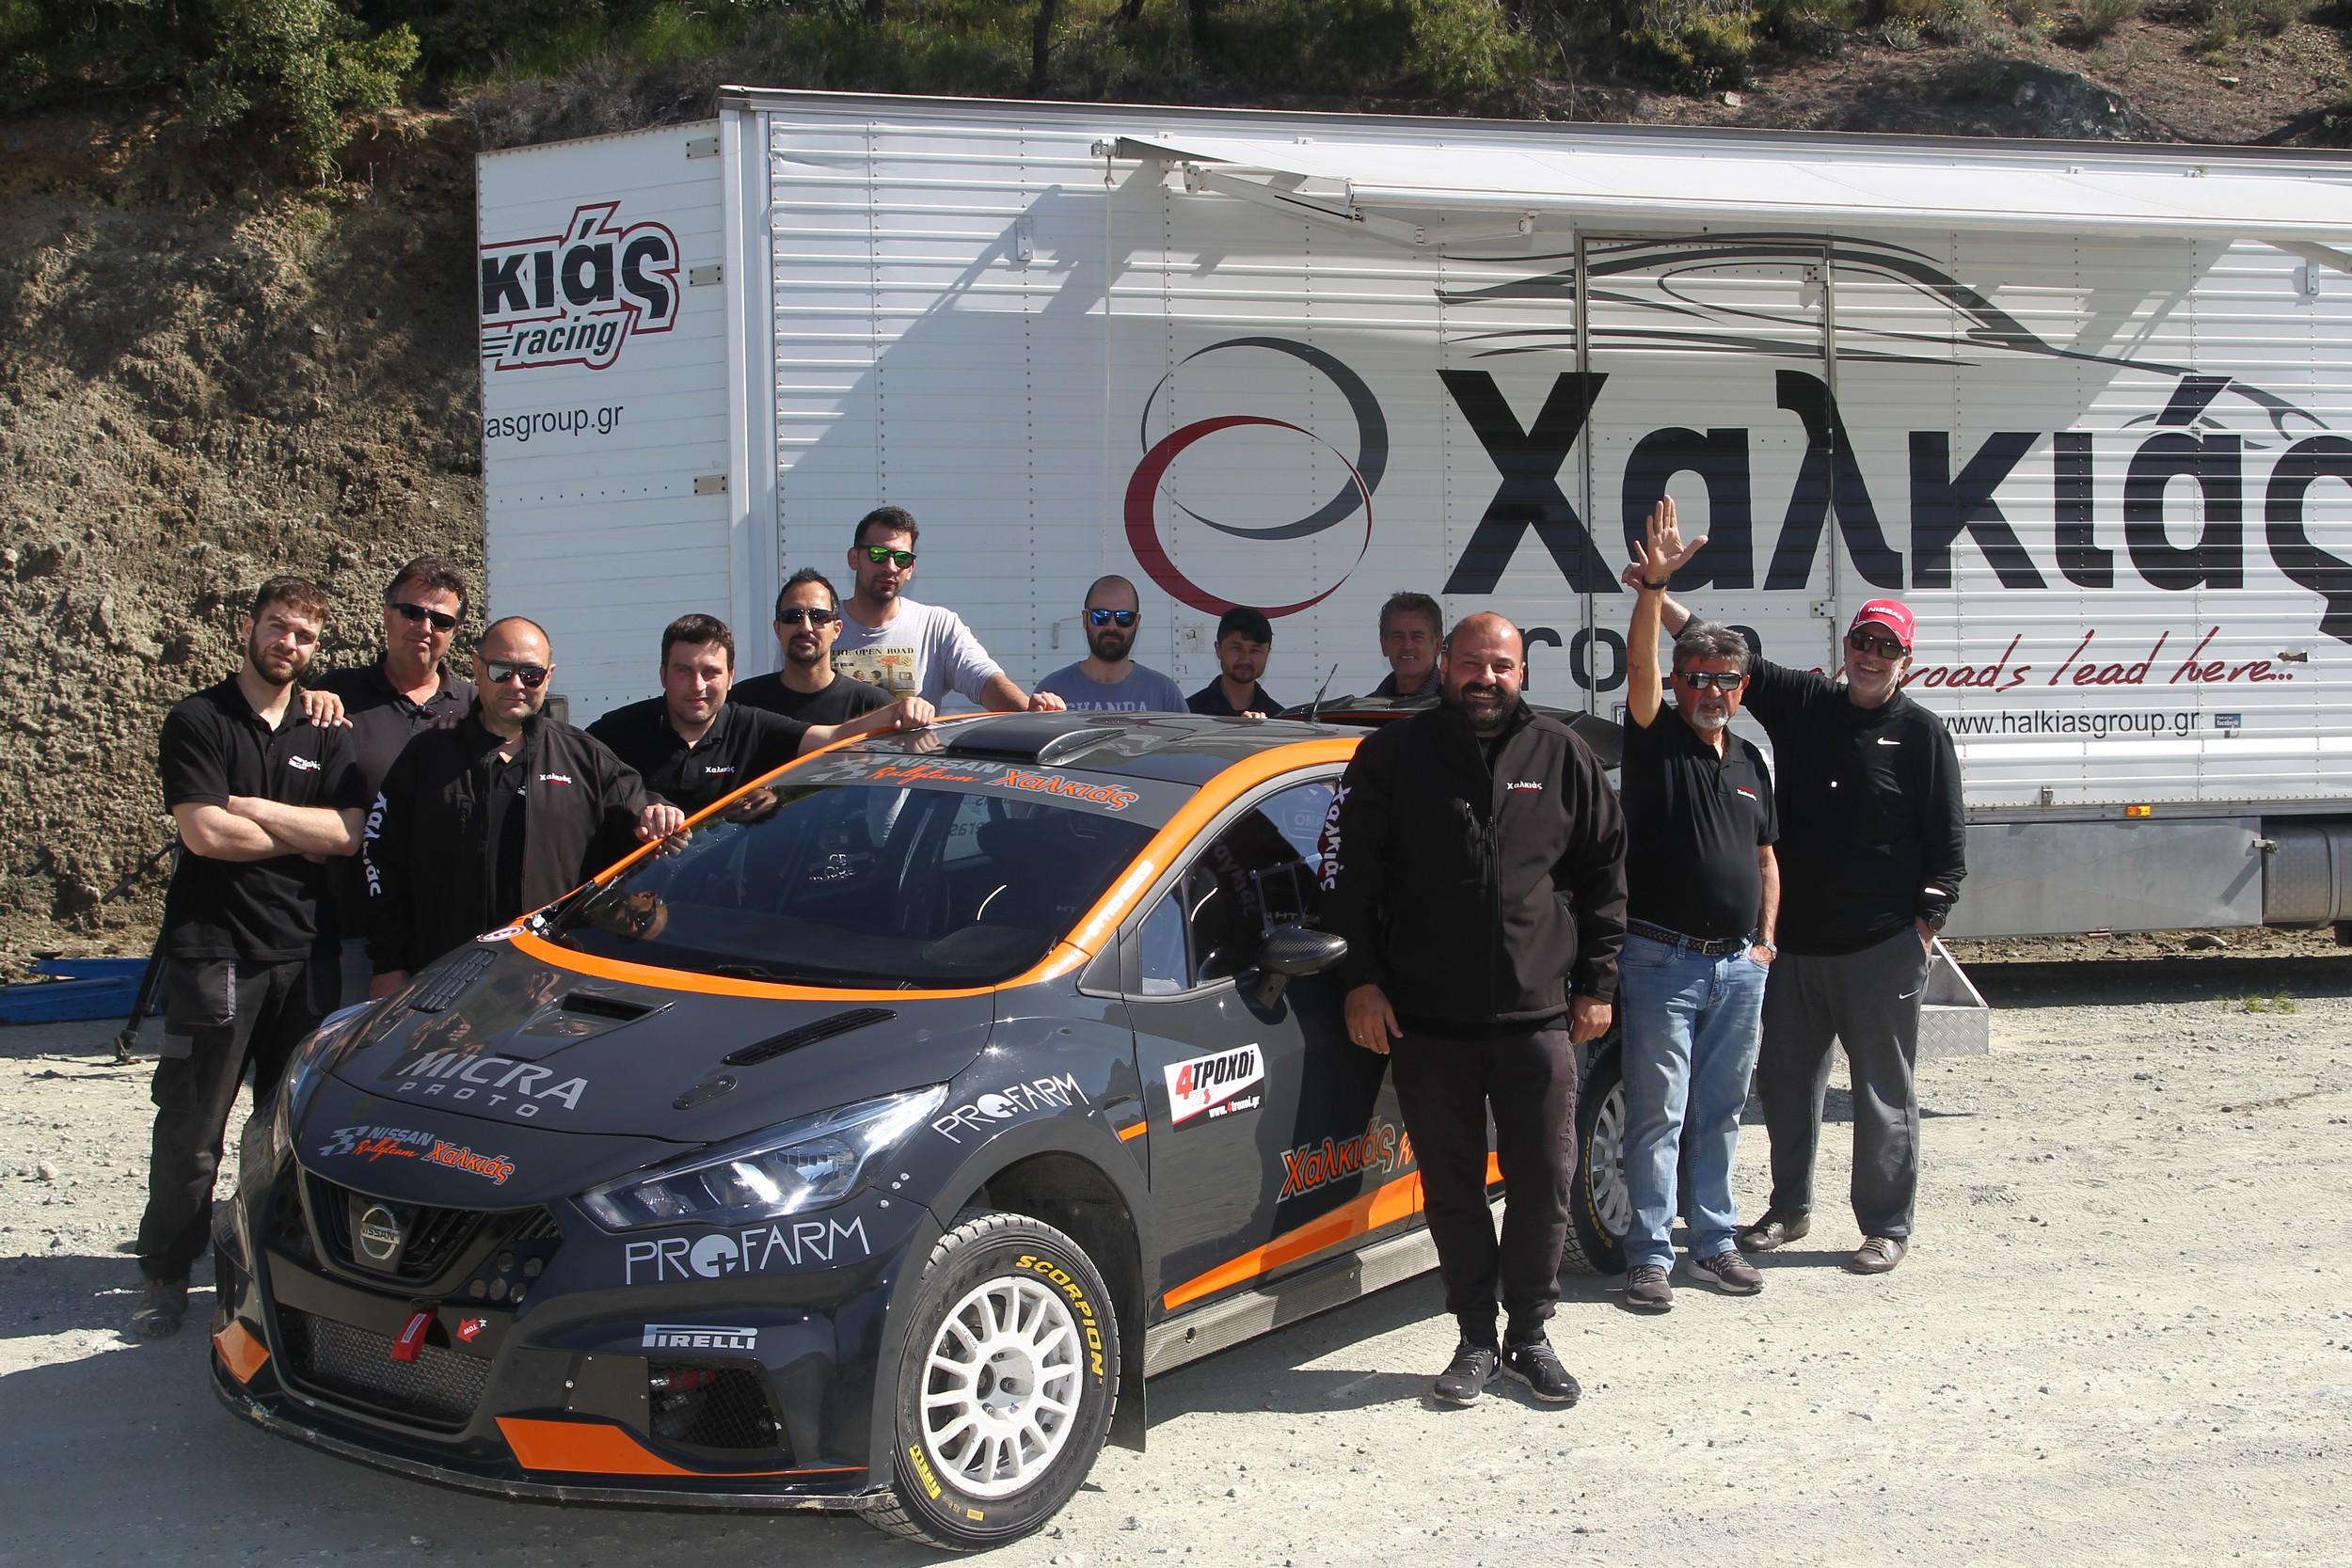 Nissan Halkias Rally Team